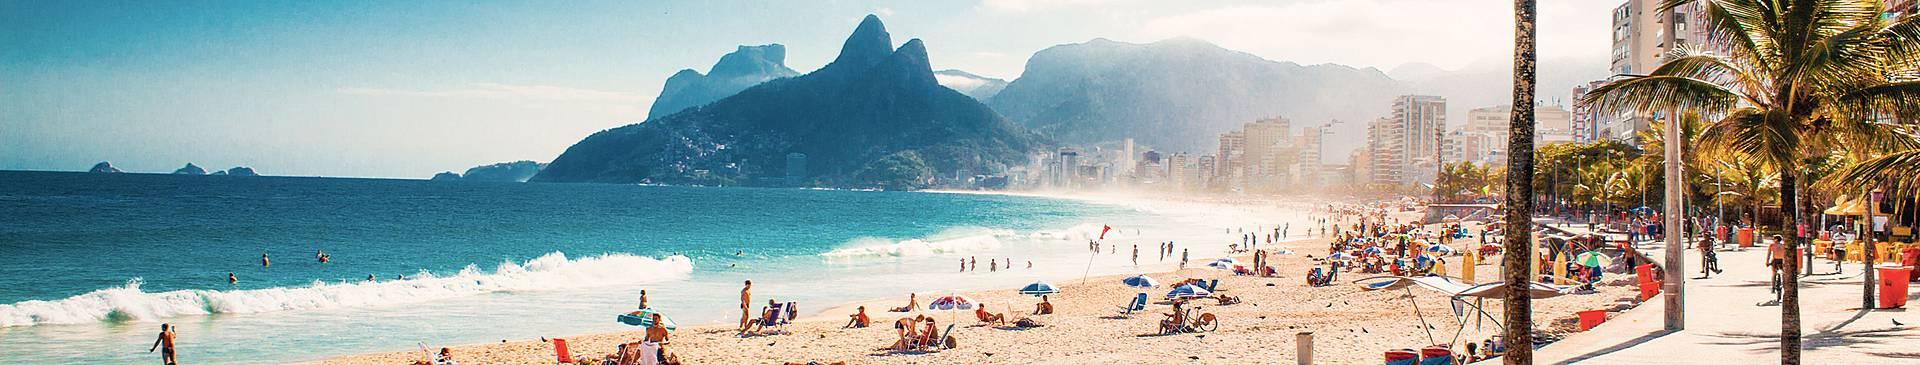 Strand und Meer Brasilien Reisen